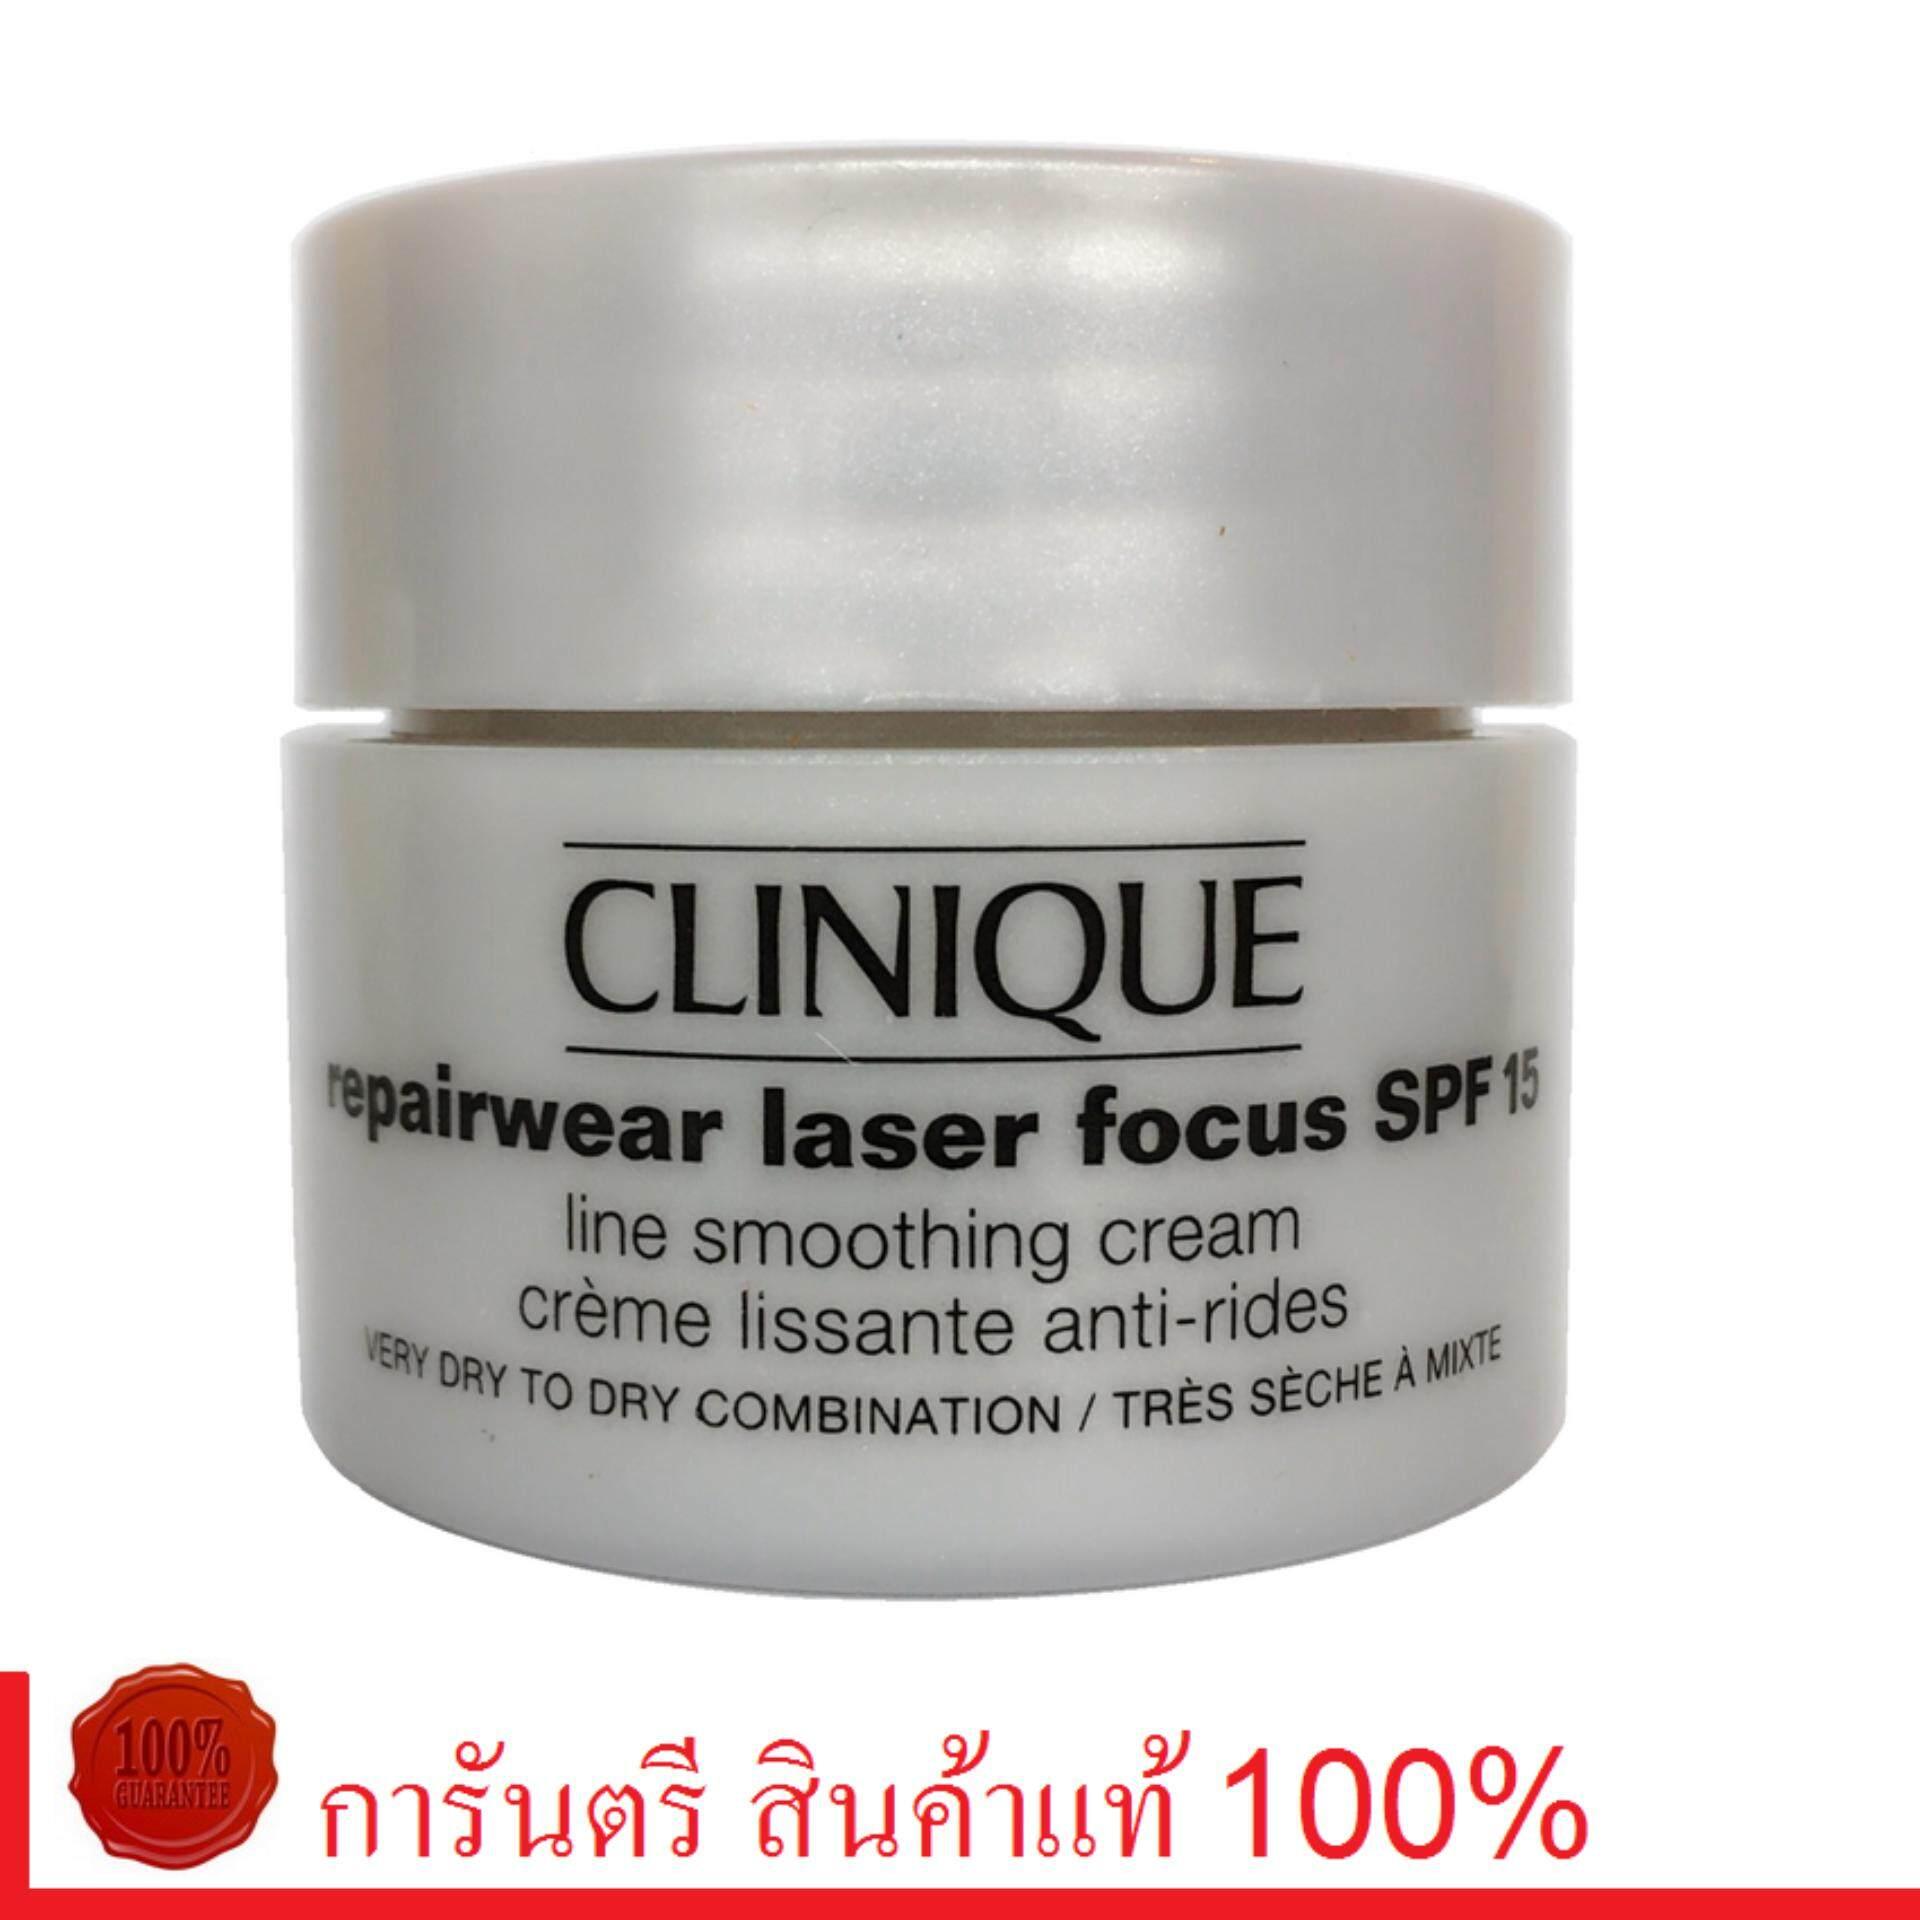 ซื้อ Clinique Repairwear Laser Focus Spf15 Day Cream 15Ml ออนไลน์ ถูก